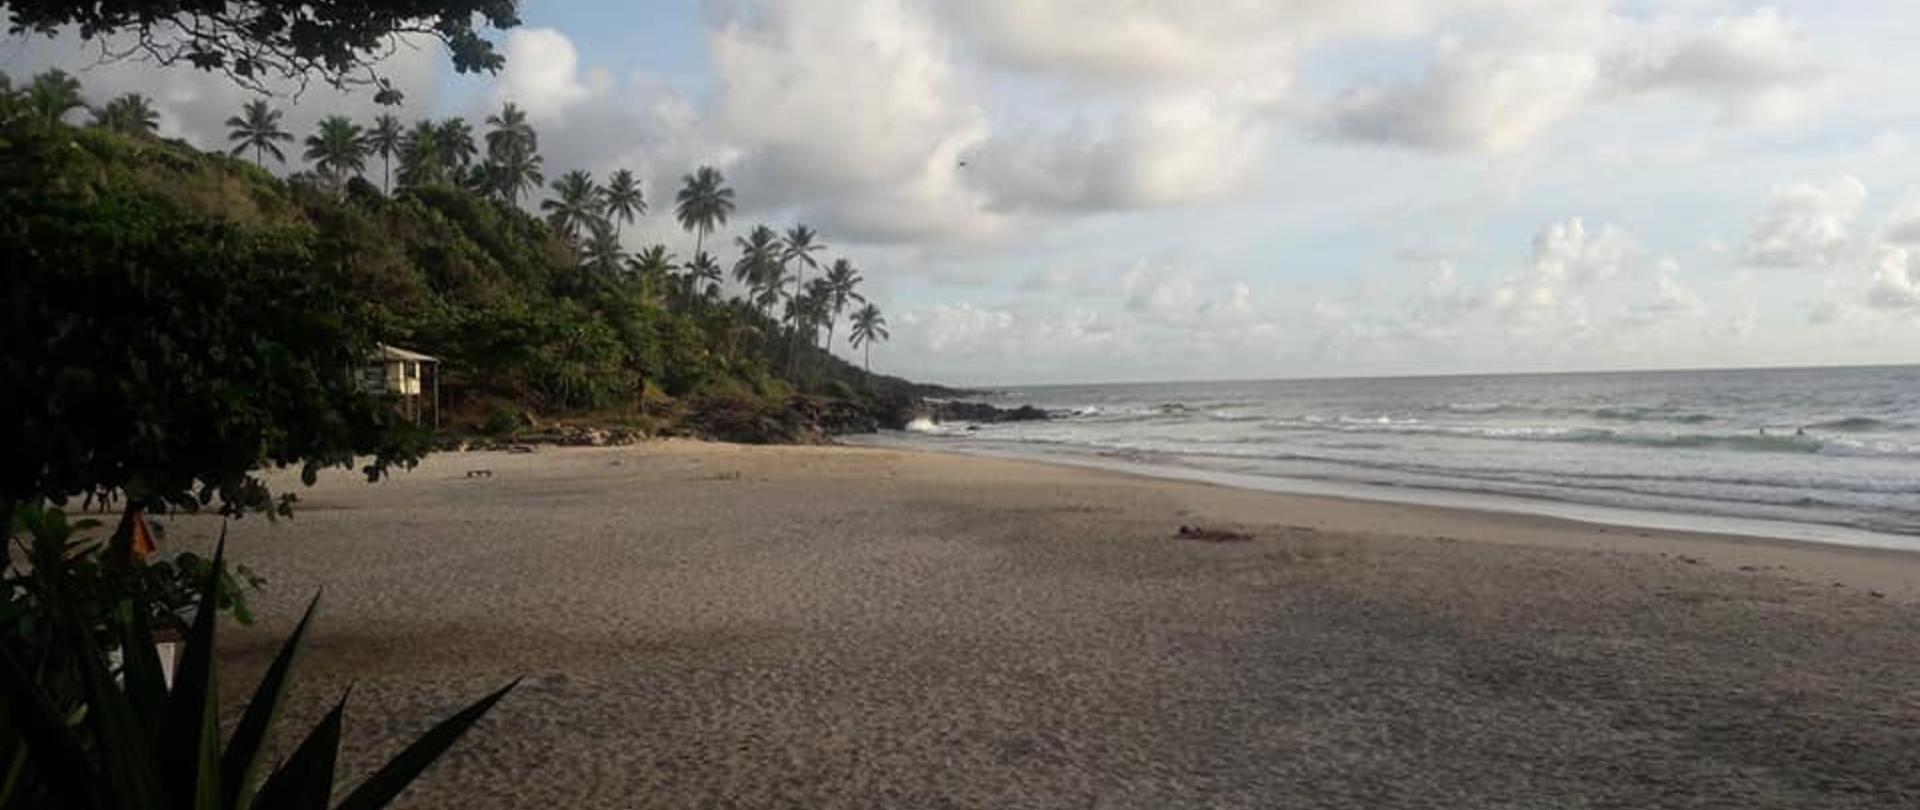 praiarenato5.jpg